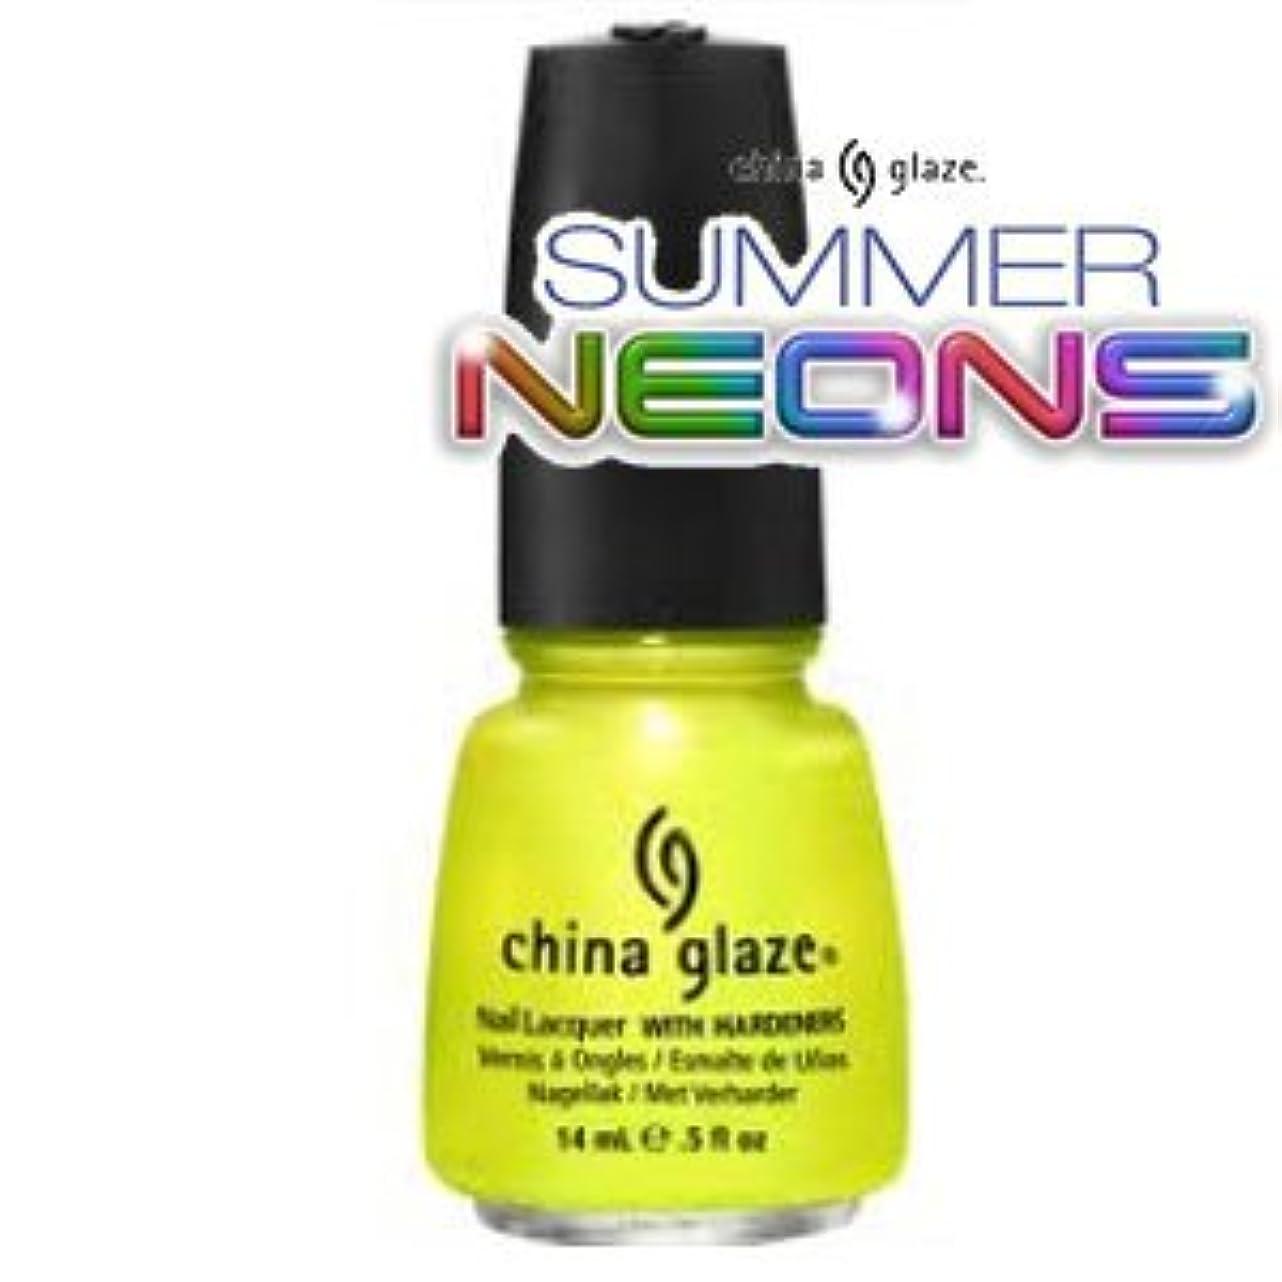 余計な恐れる控えめな(チャイナグレイズ)China Glaze Sun Kissedーサマーネオン コレクション [海外直送品][並行輸入品]